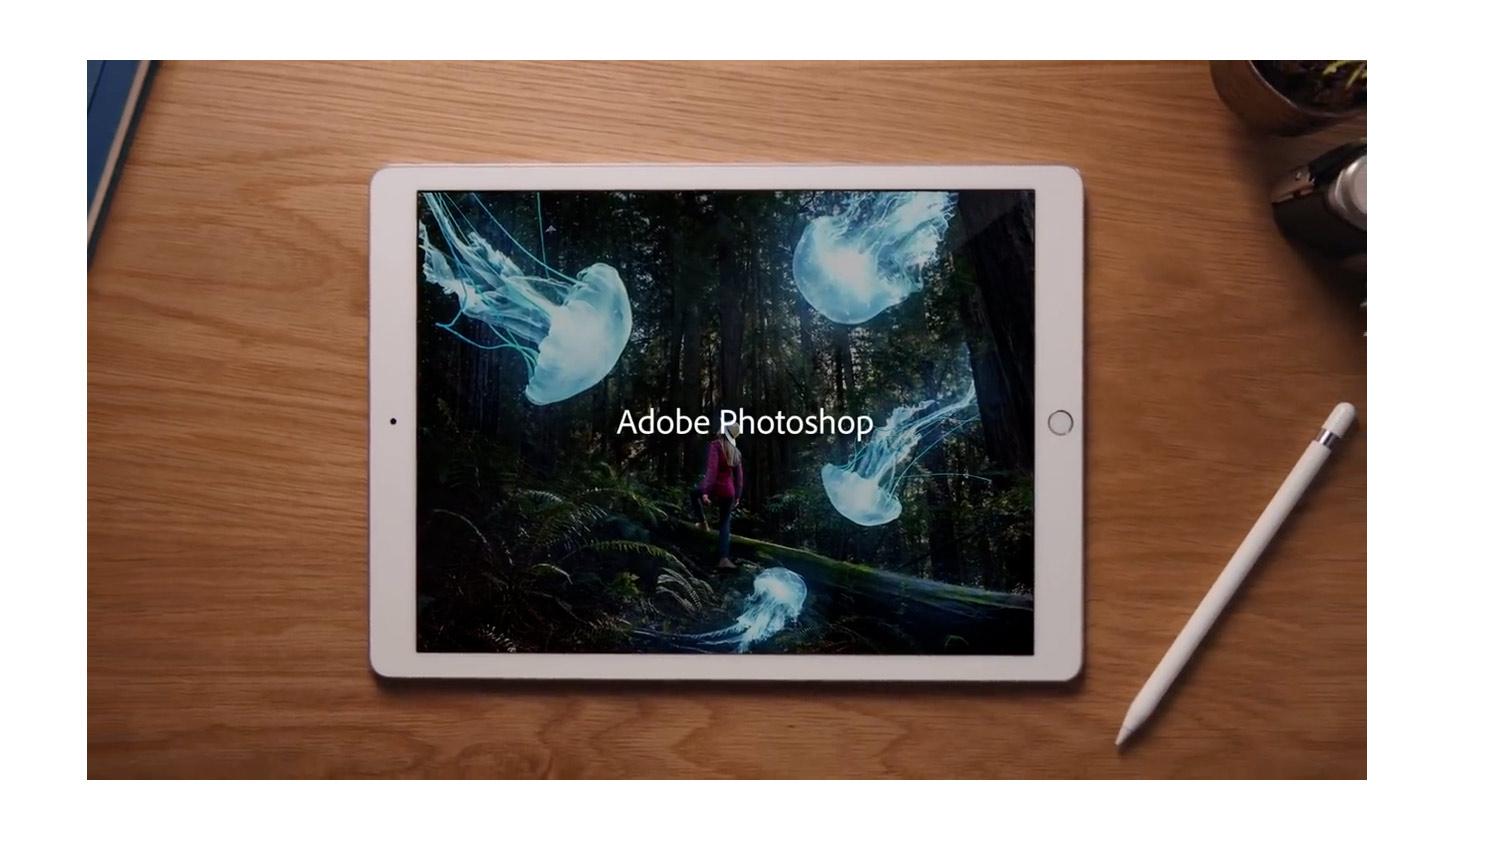 Photoshop arrive sur iPad, en version complète